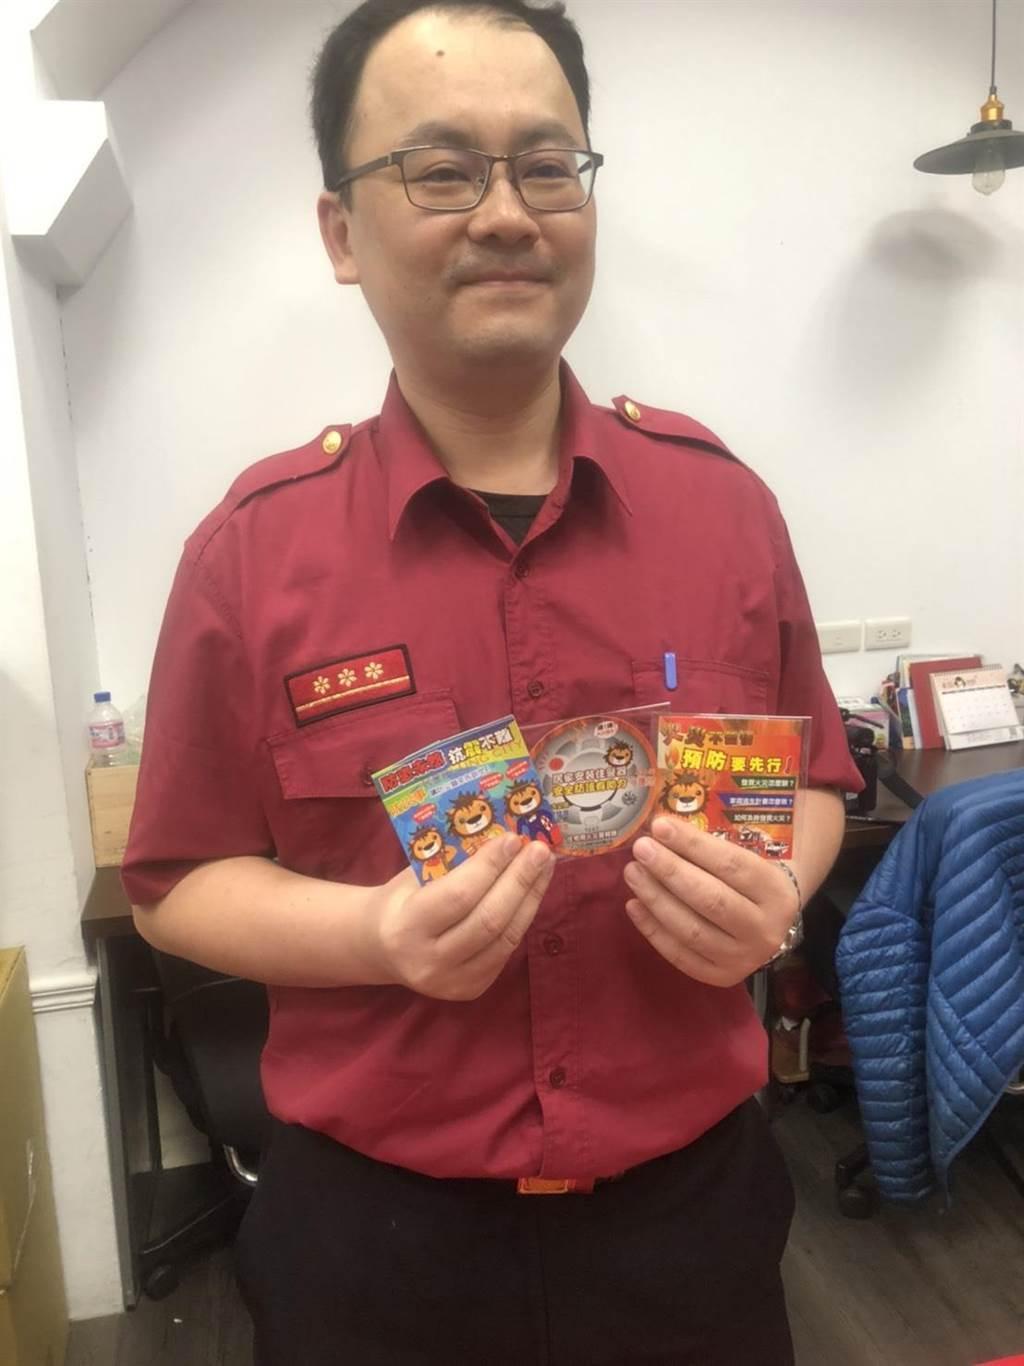 基隆市消防員陳偉建發揮美術專長,設計防災魔術卡摺頁,受到民眾歡迎。(許家寧攝)